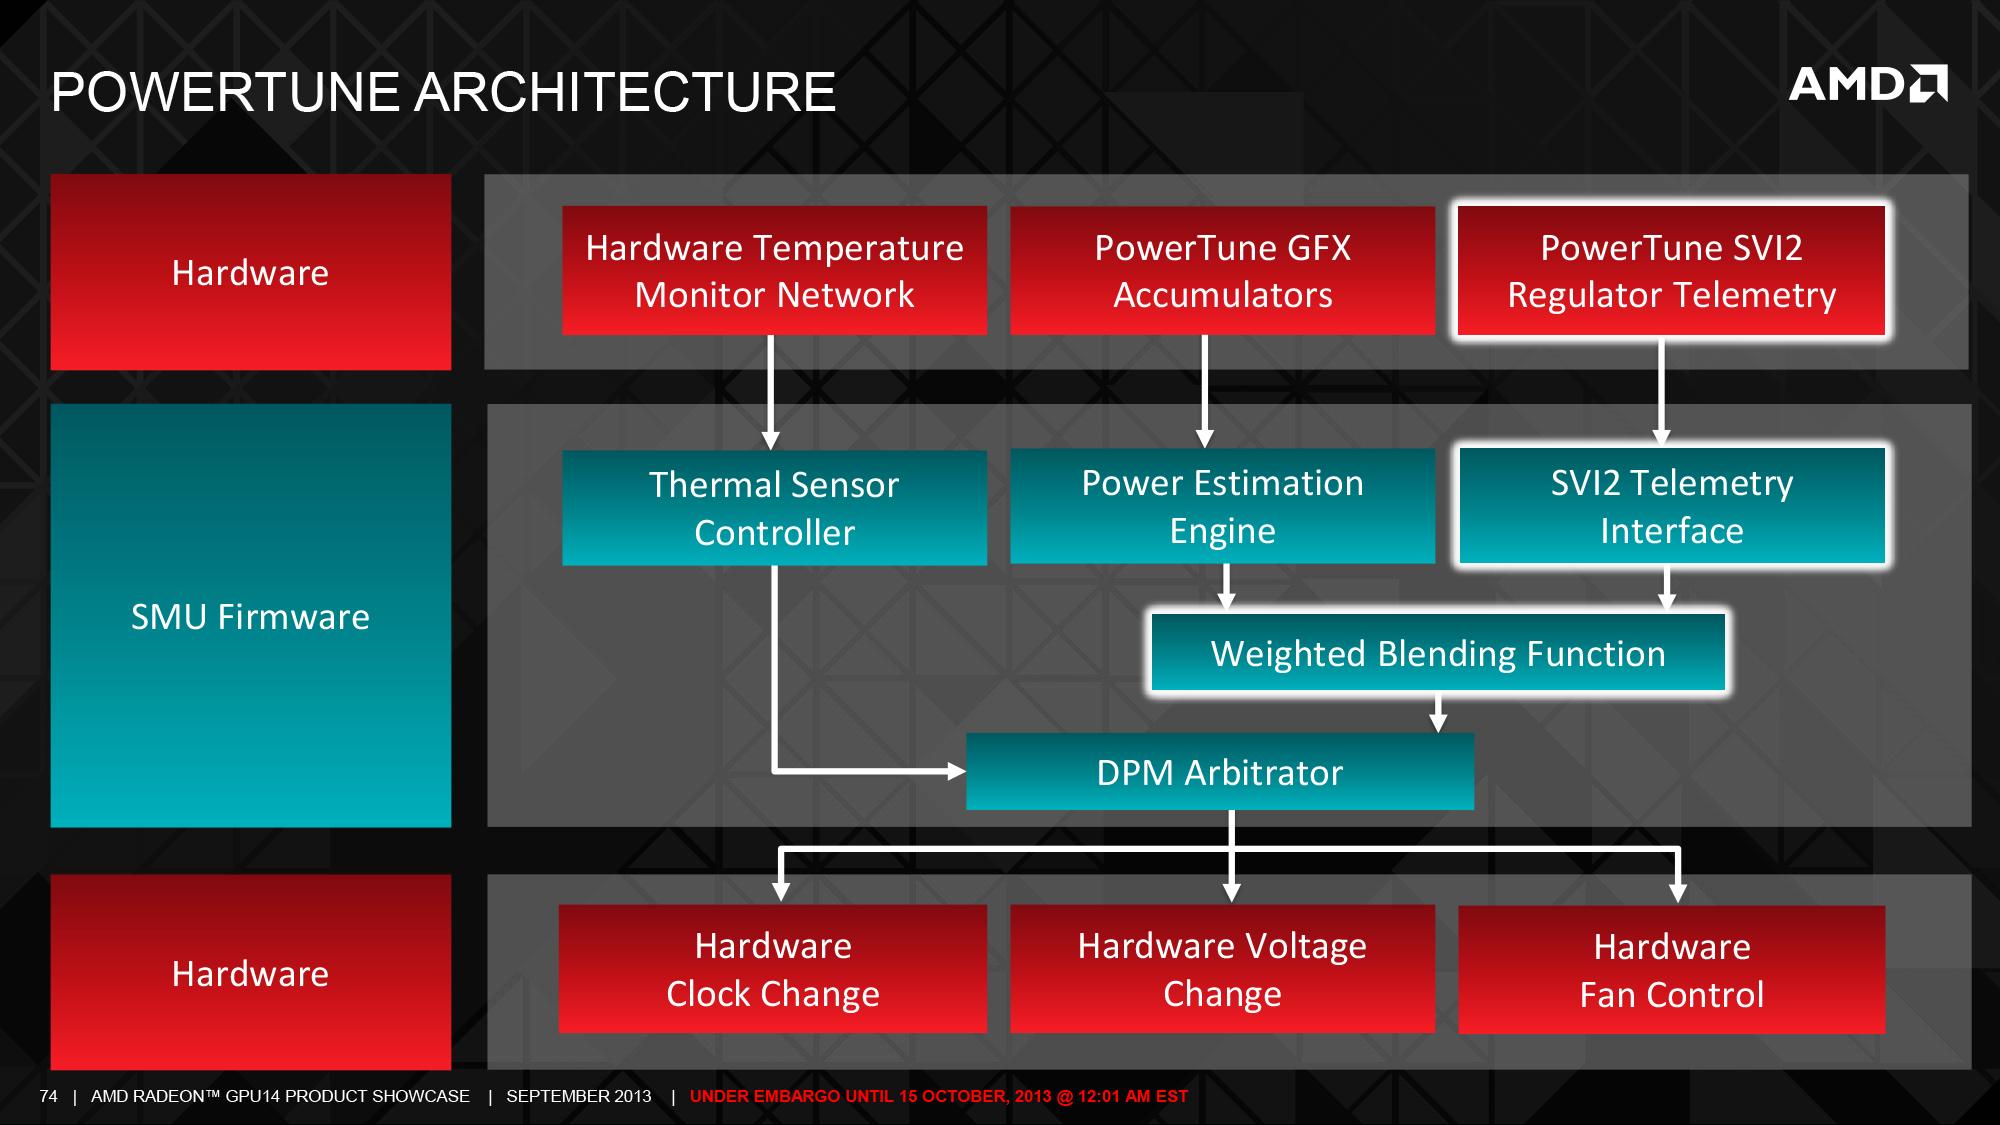 PowerTune: Improved Flexibility & Fan Speed Throttling - The AMD